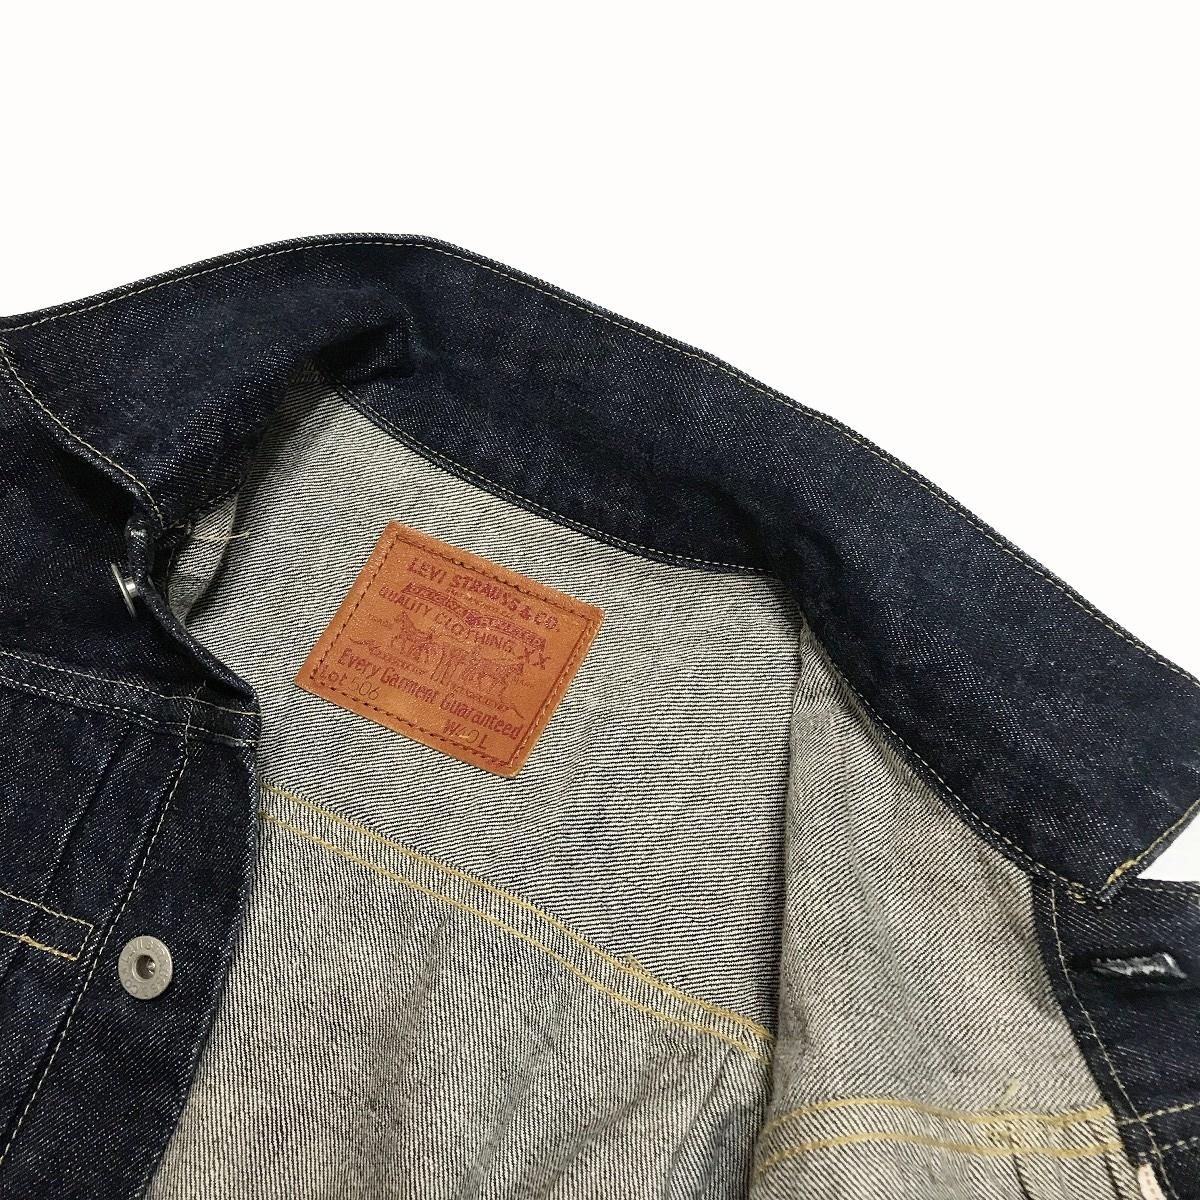 リーバイス 71506 サイズ40 濃紺 美品 LEVI'S ビッグE 日本製 復刻 デニムジャケット BIGE ファースト/ 507 XX Gジャン LVC_画像6